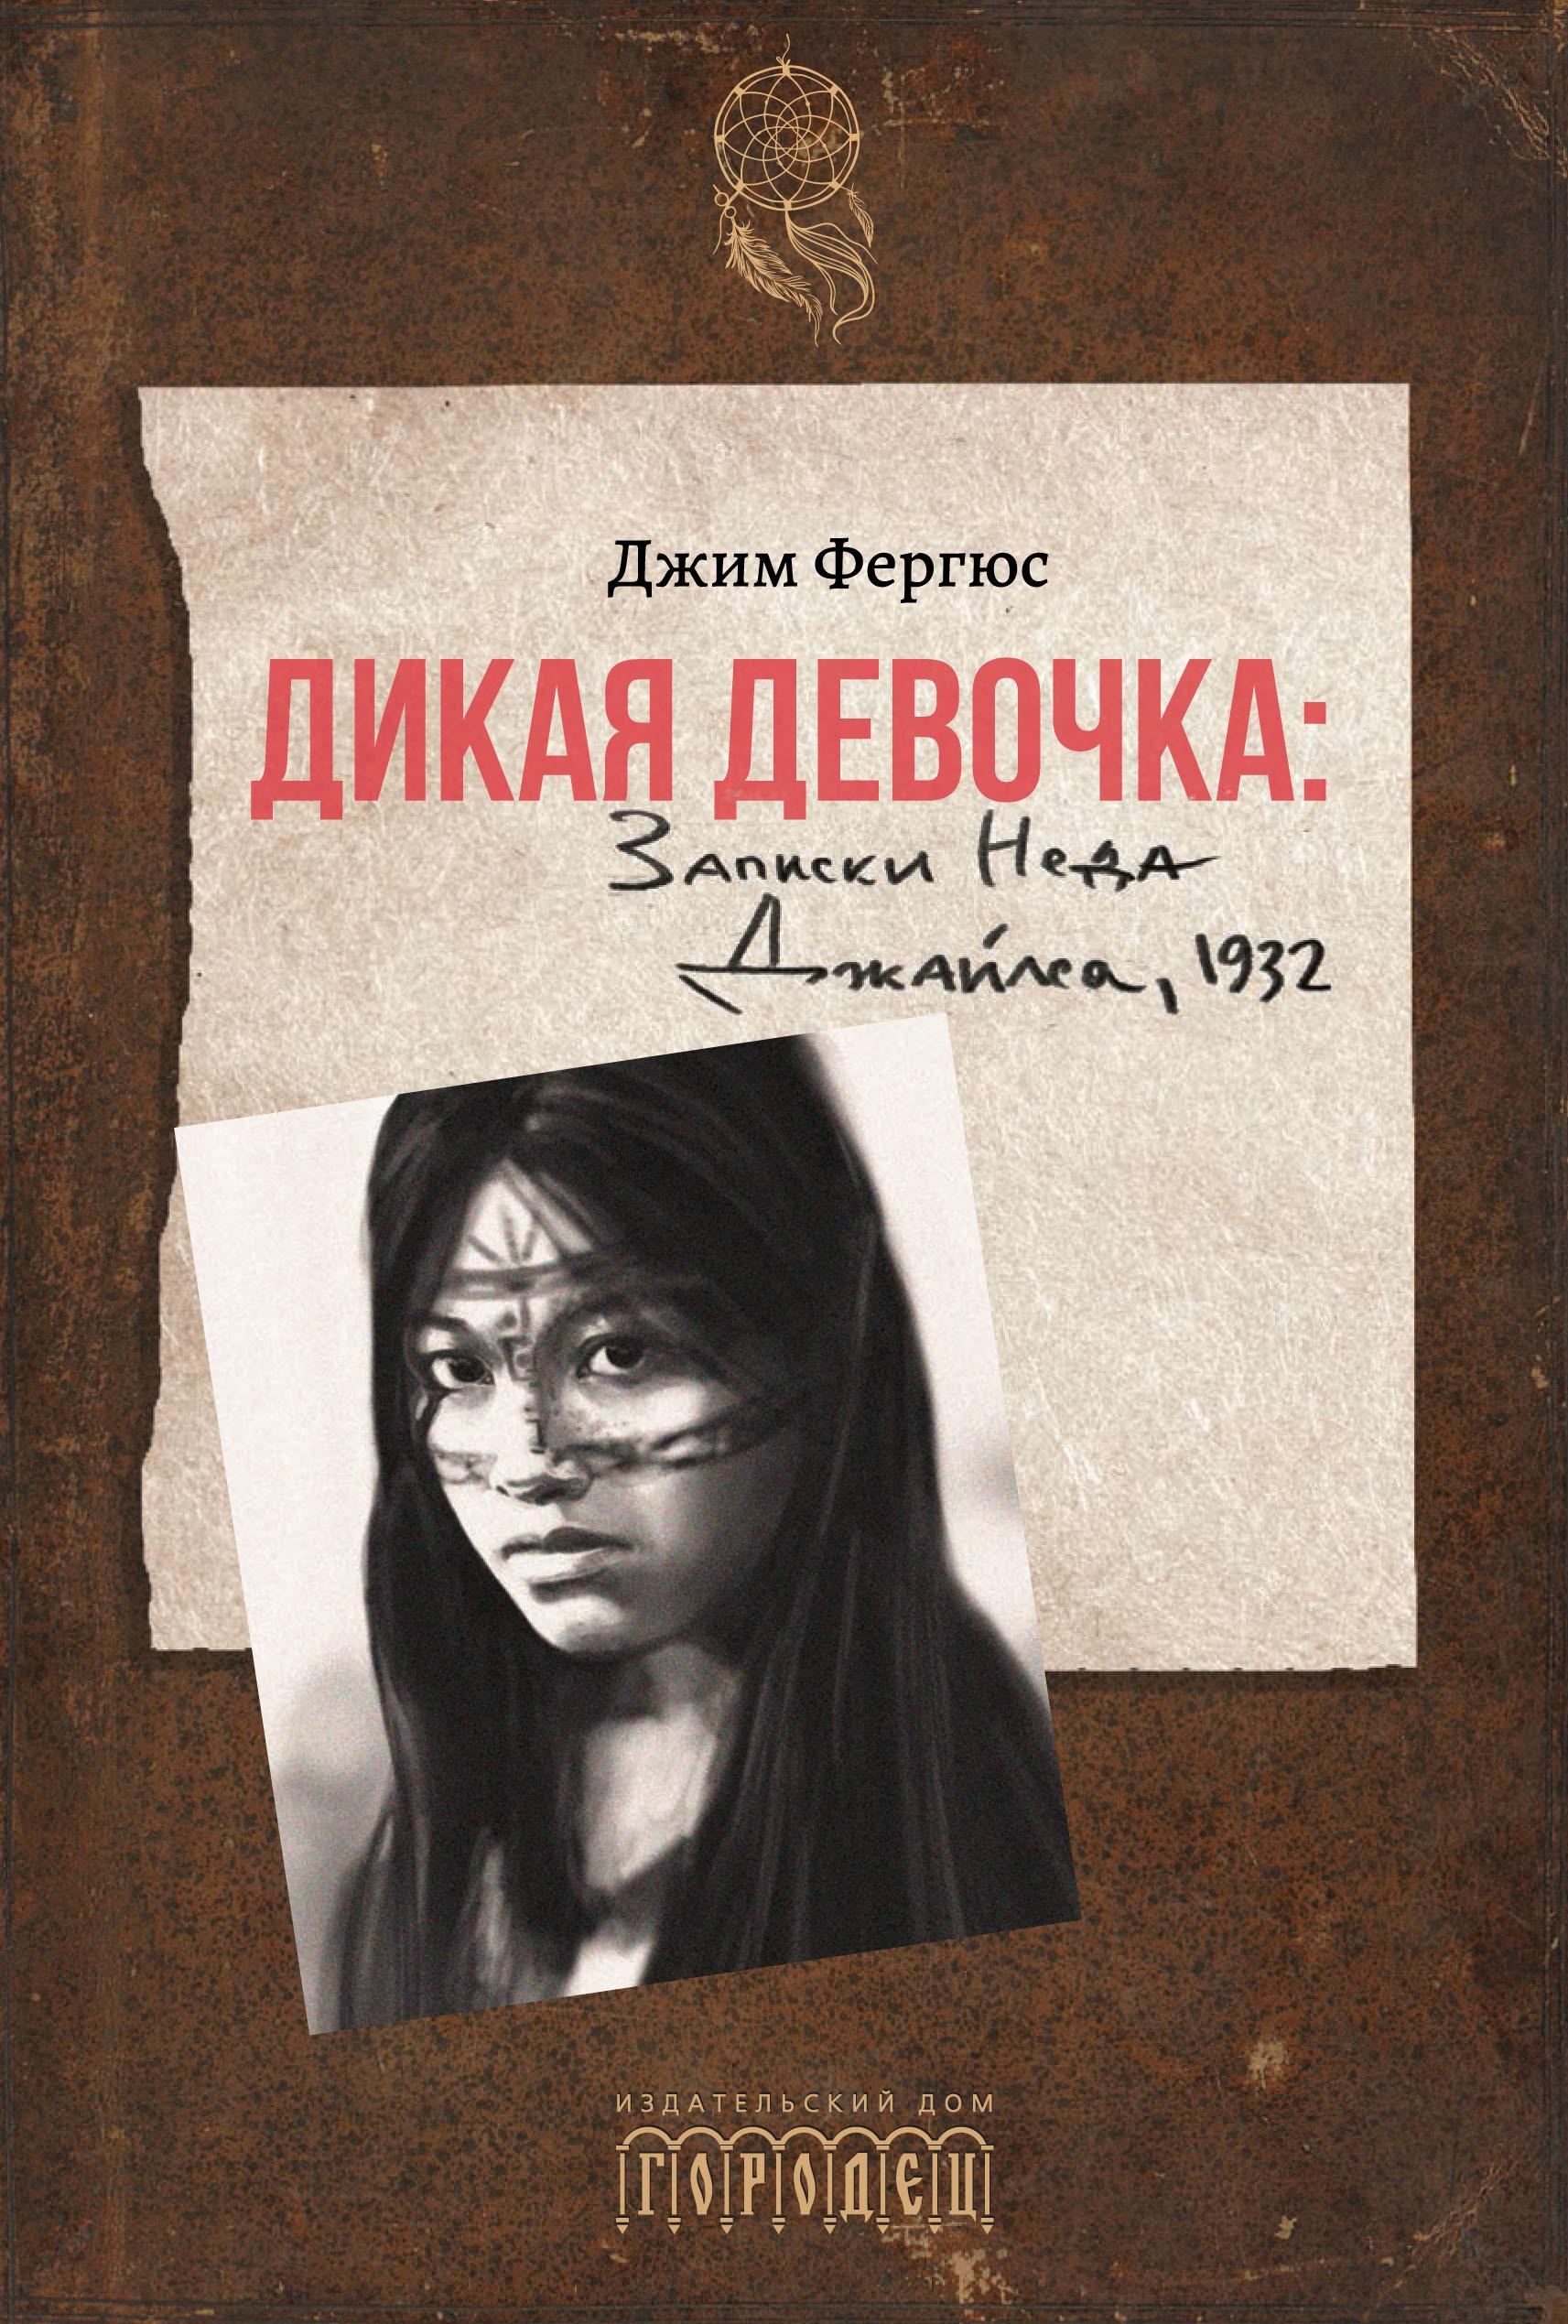 Купить книгу Дикая девочка. Записки Неда Джайлса, 1932, автора Джима Фергюса